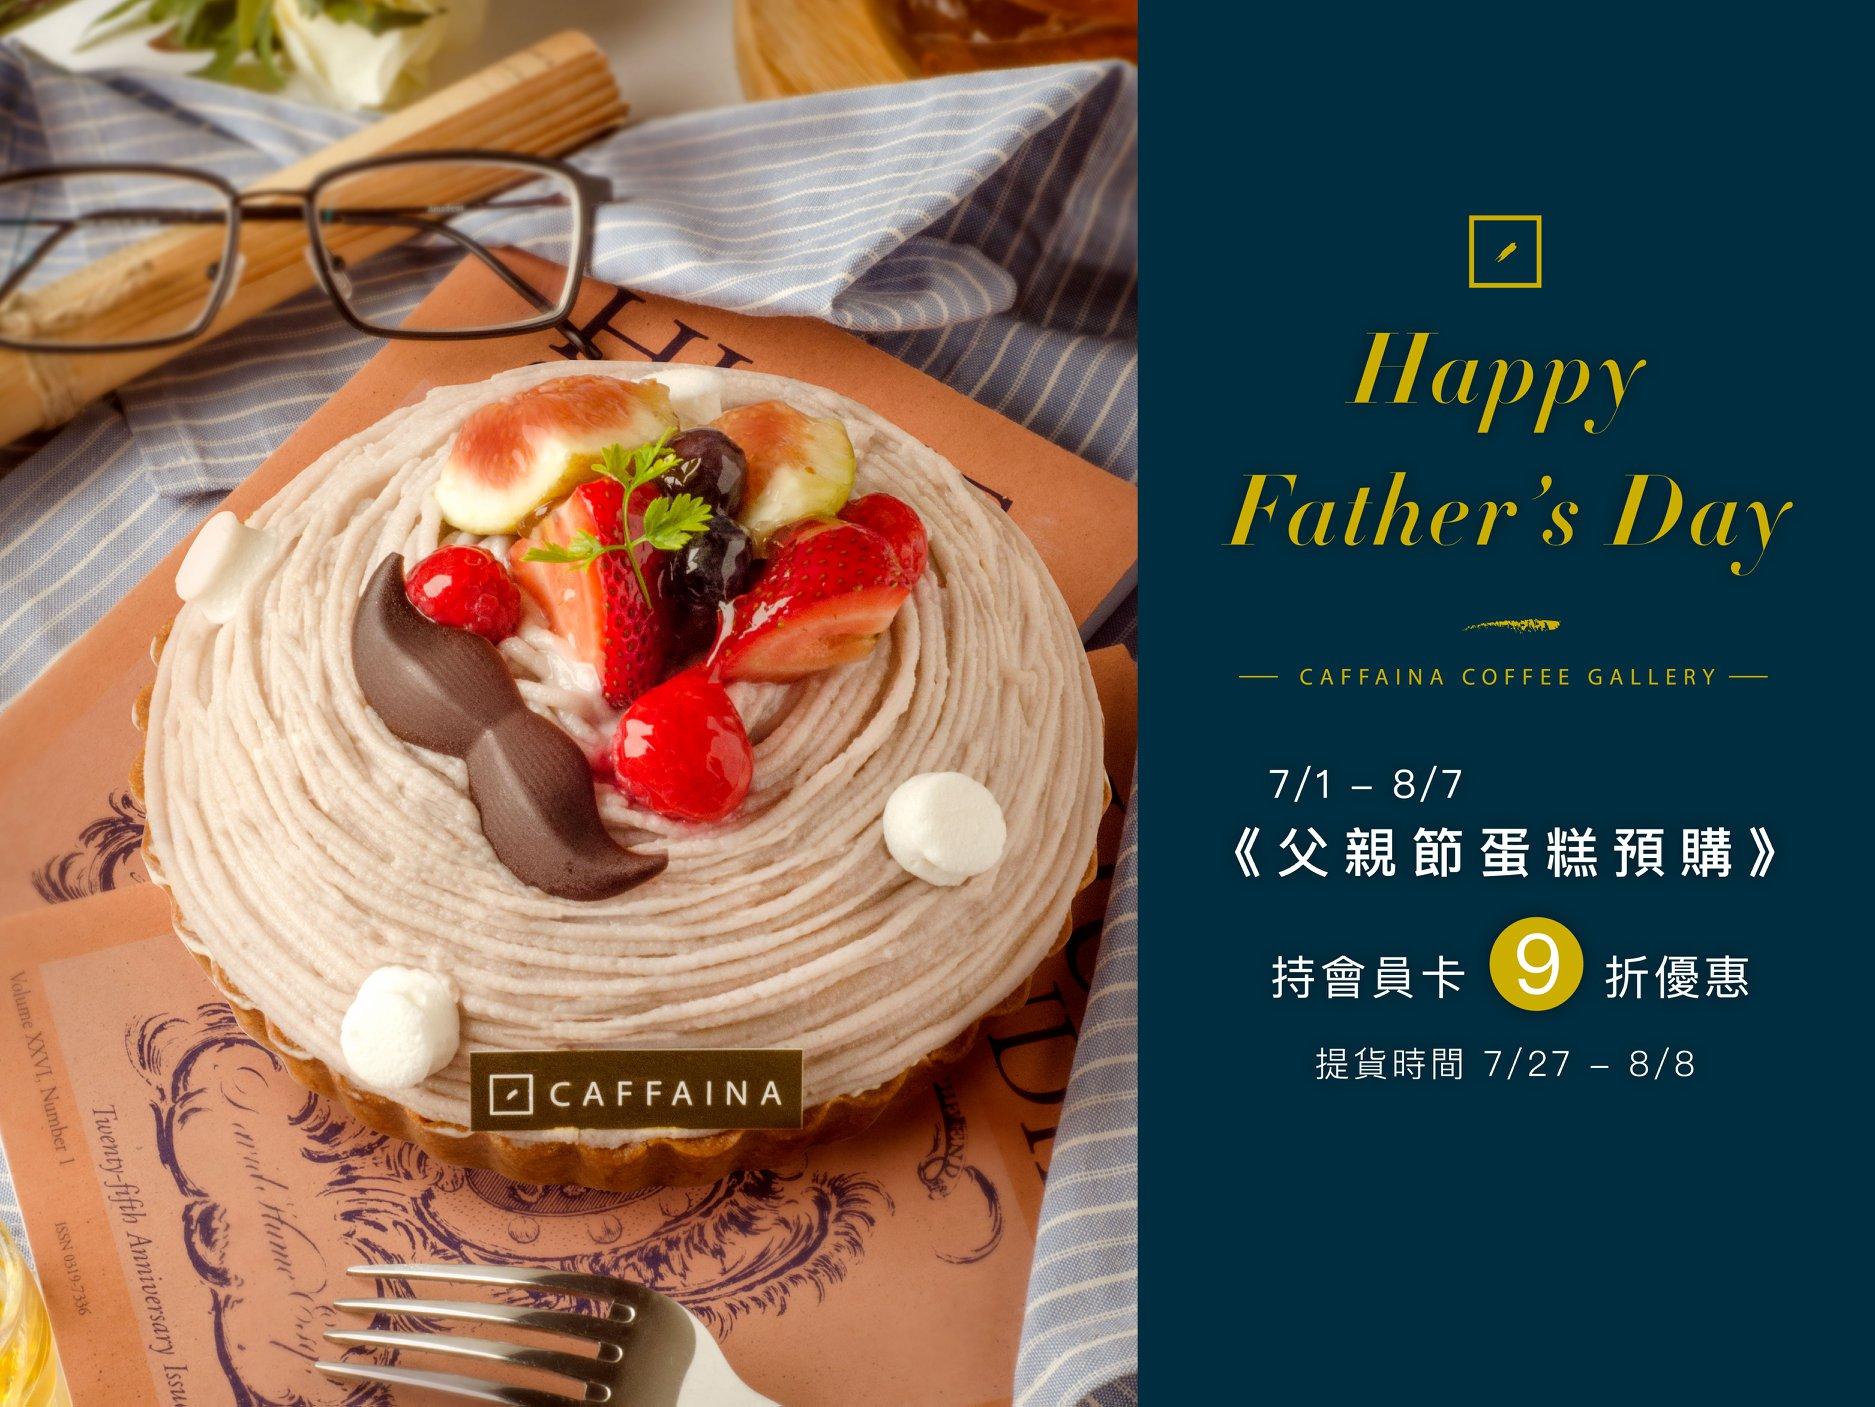 父親節蛋糕預購